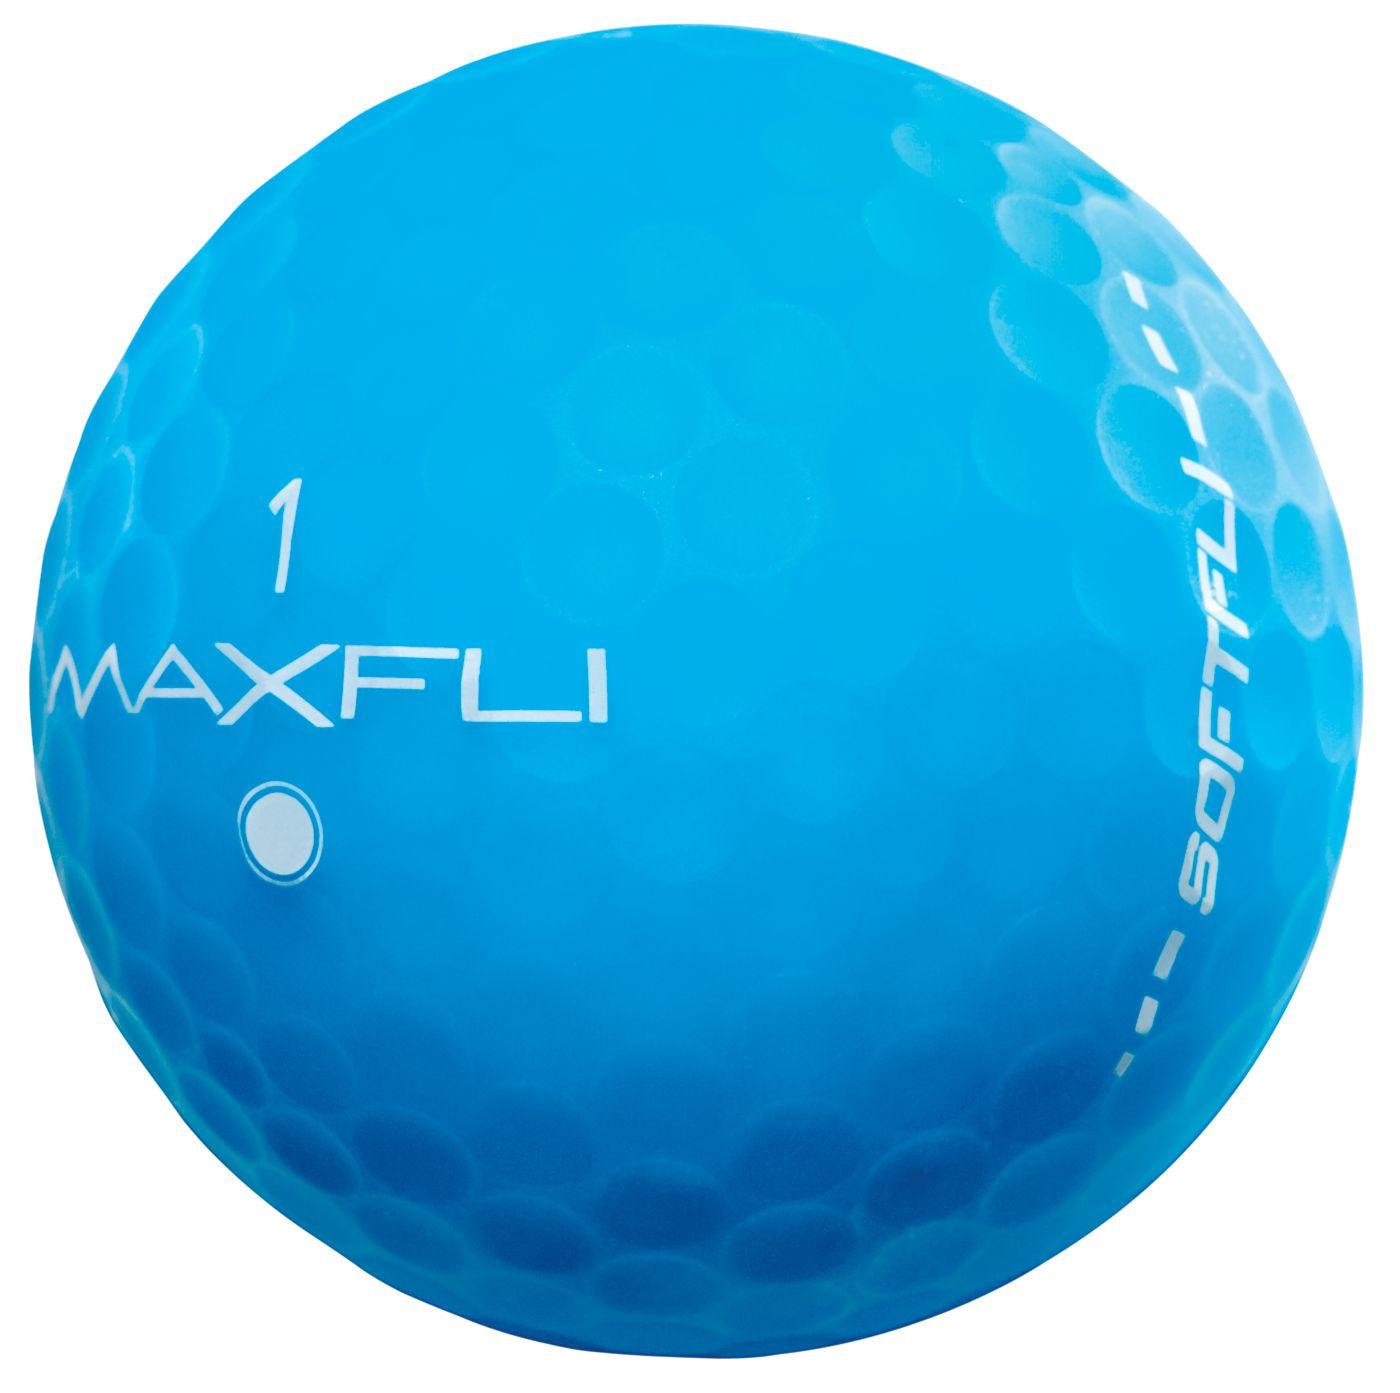 Maxfli SoftFli Matte Golf Balls – Blue - 12 Pack